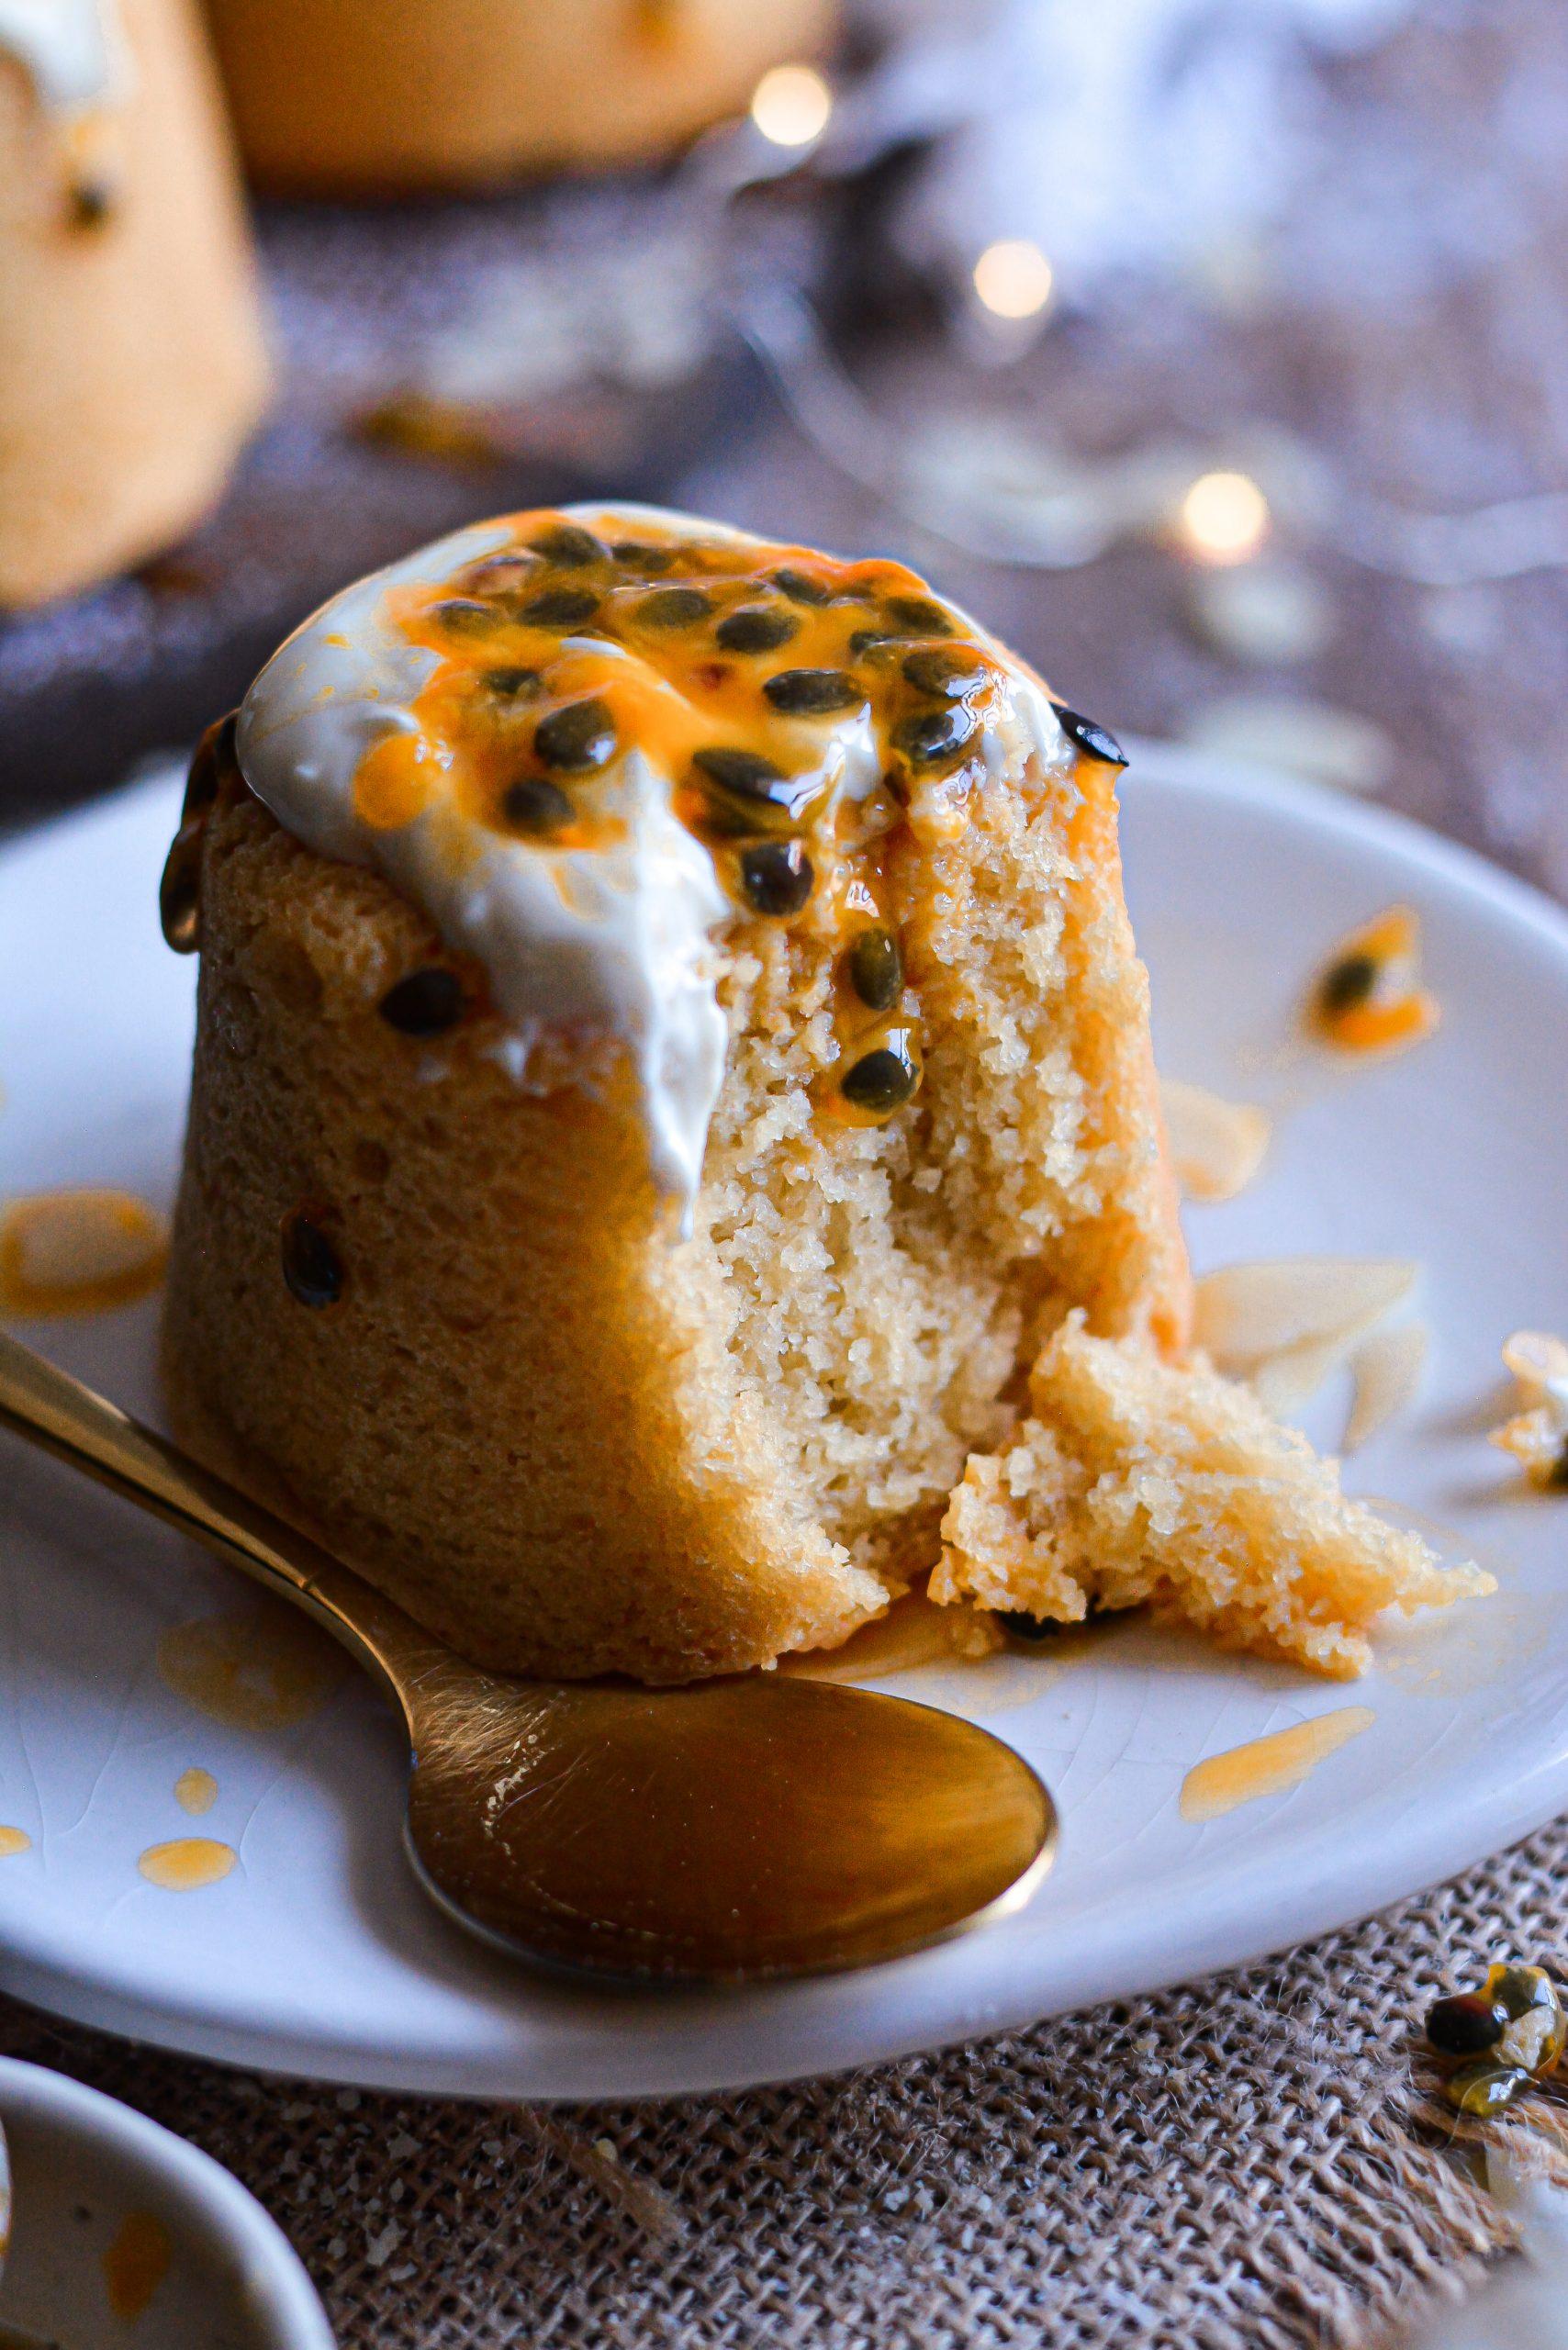 Mini Gâteaux Vegan Amande, Fruit de la Passion / Mini Vegan Almond, Passion Fruit Cakes